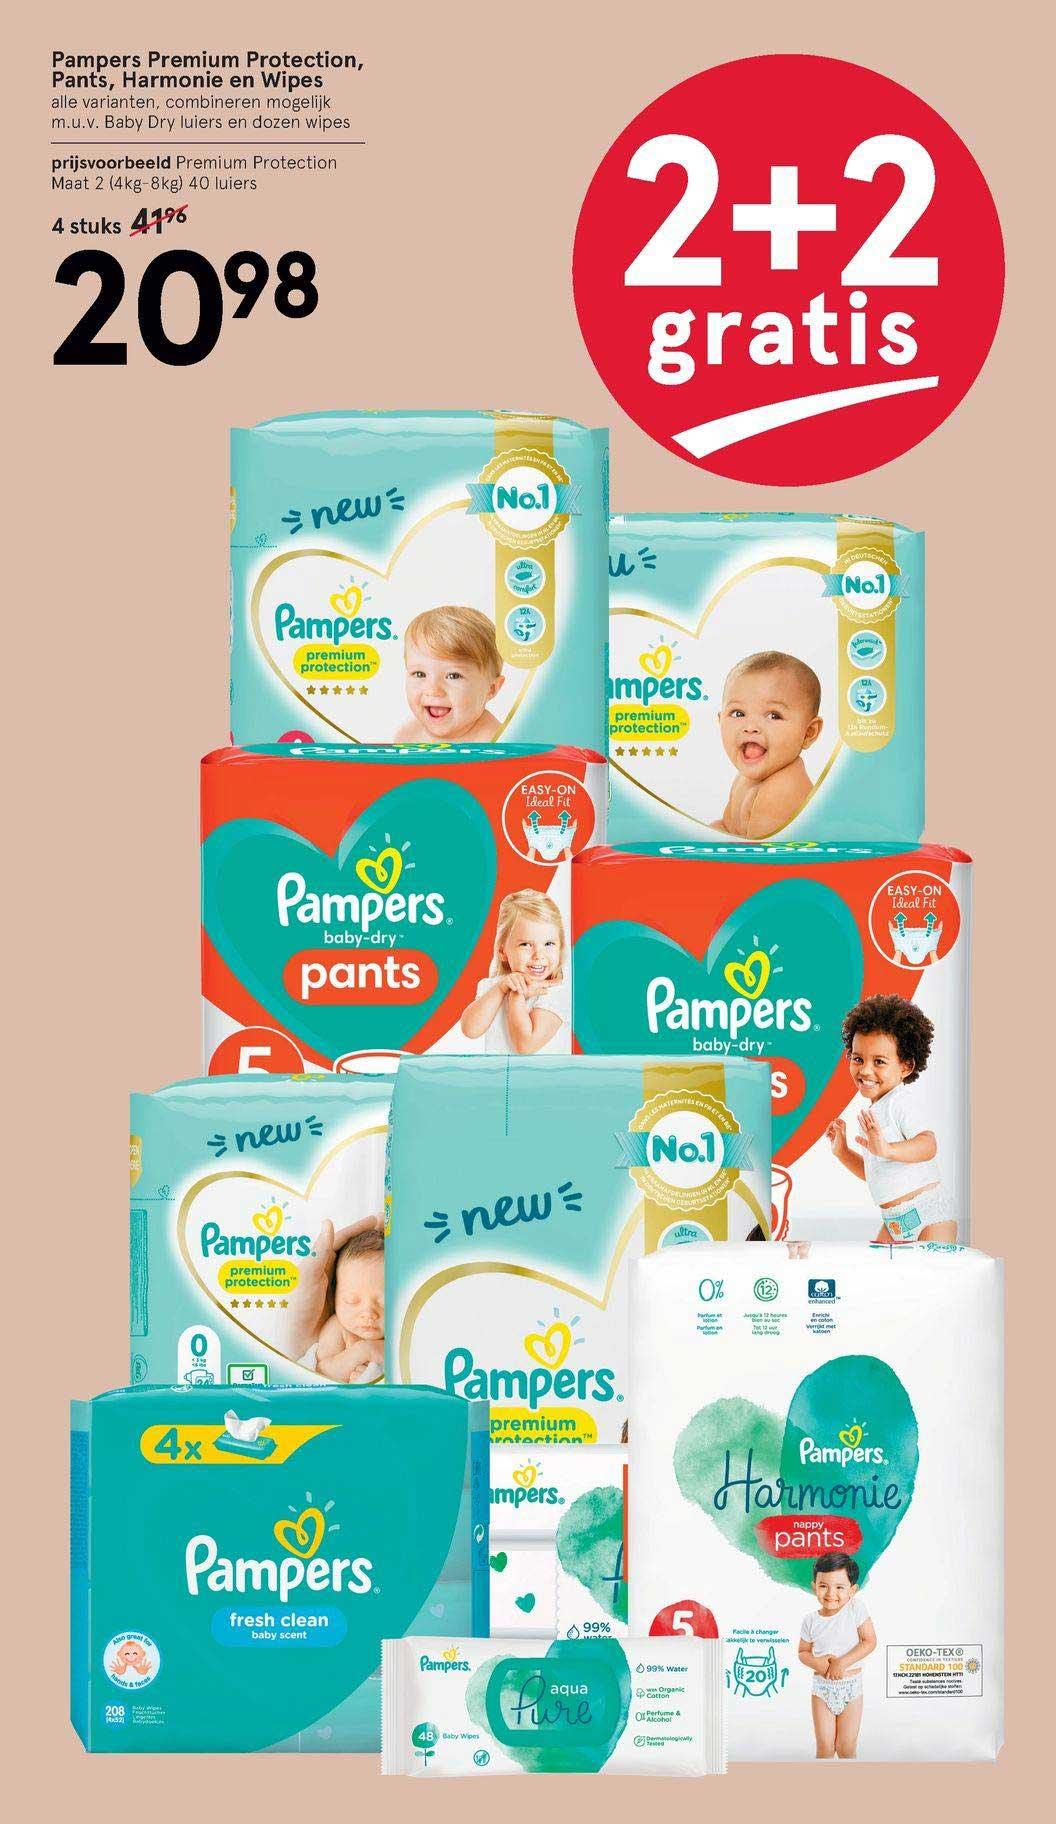 Etos Pampers Premium Protection, Pants, Harmonie En Wipes 2+2 Gratis